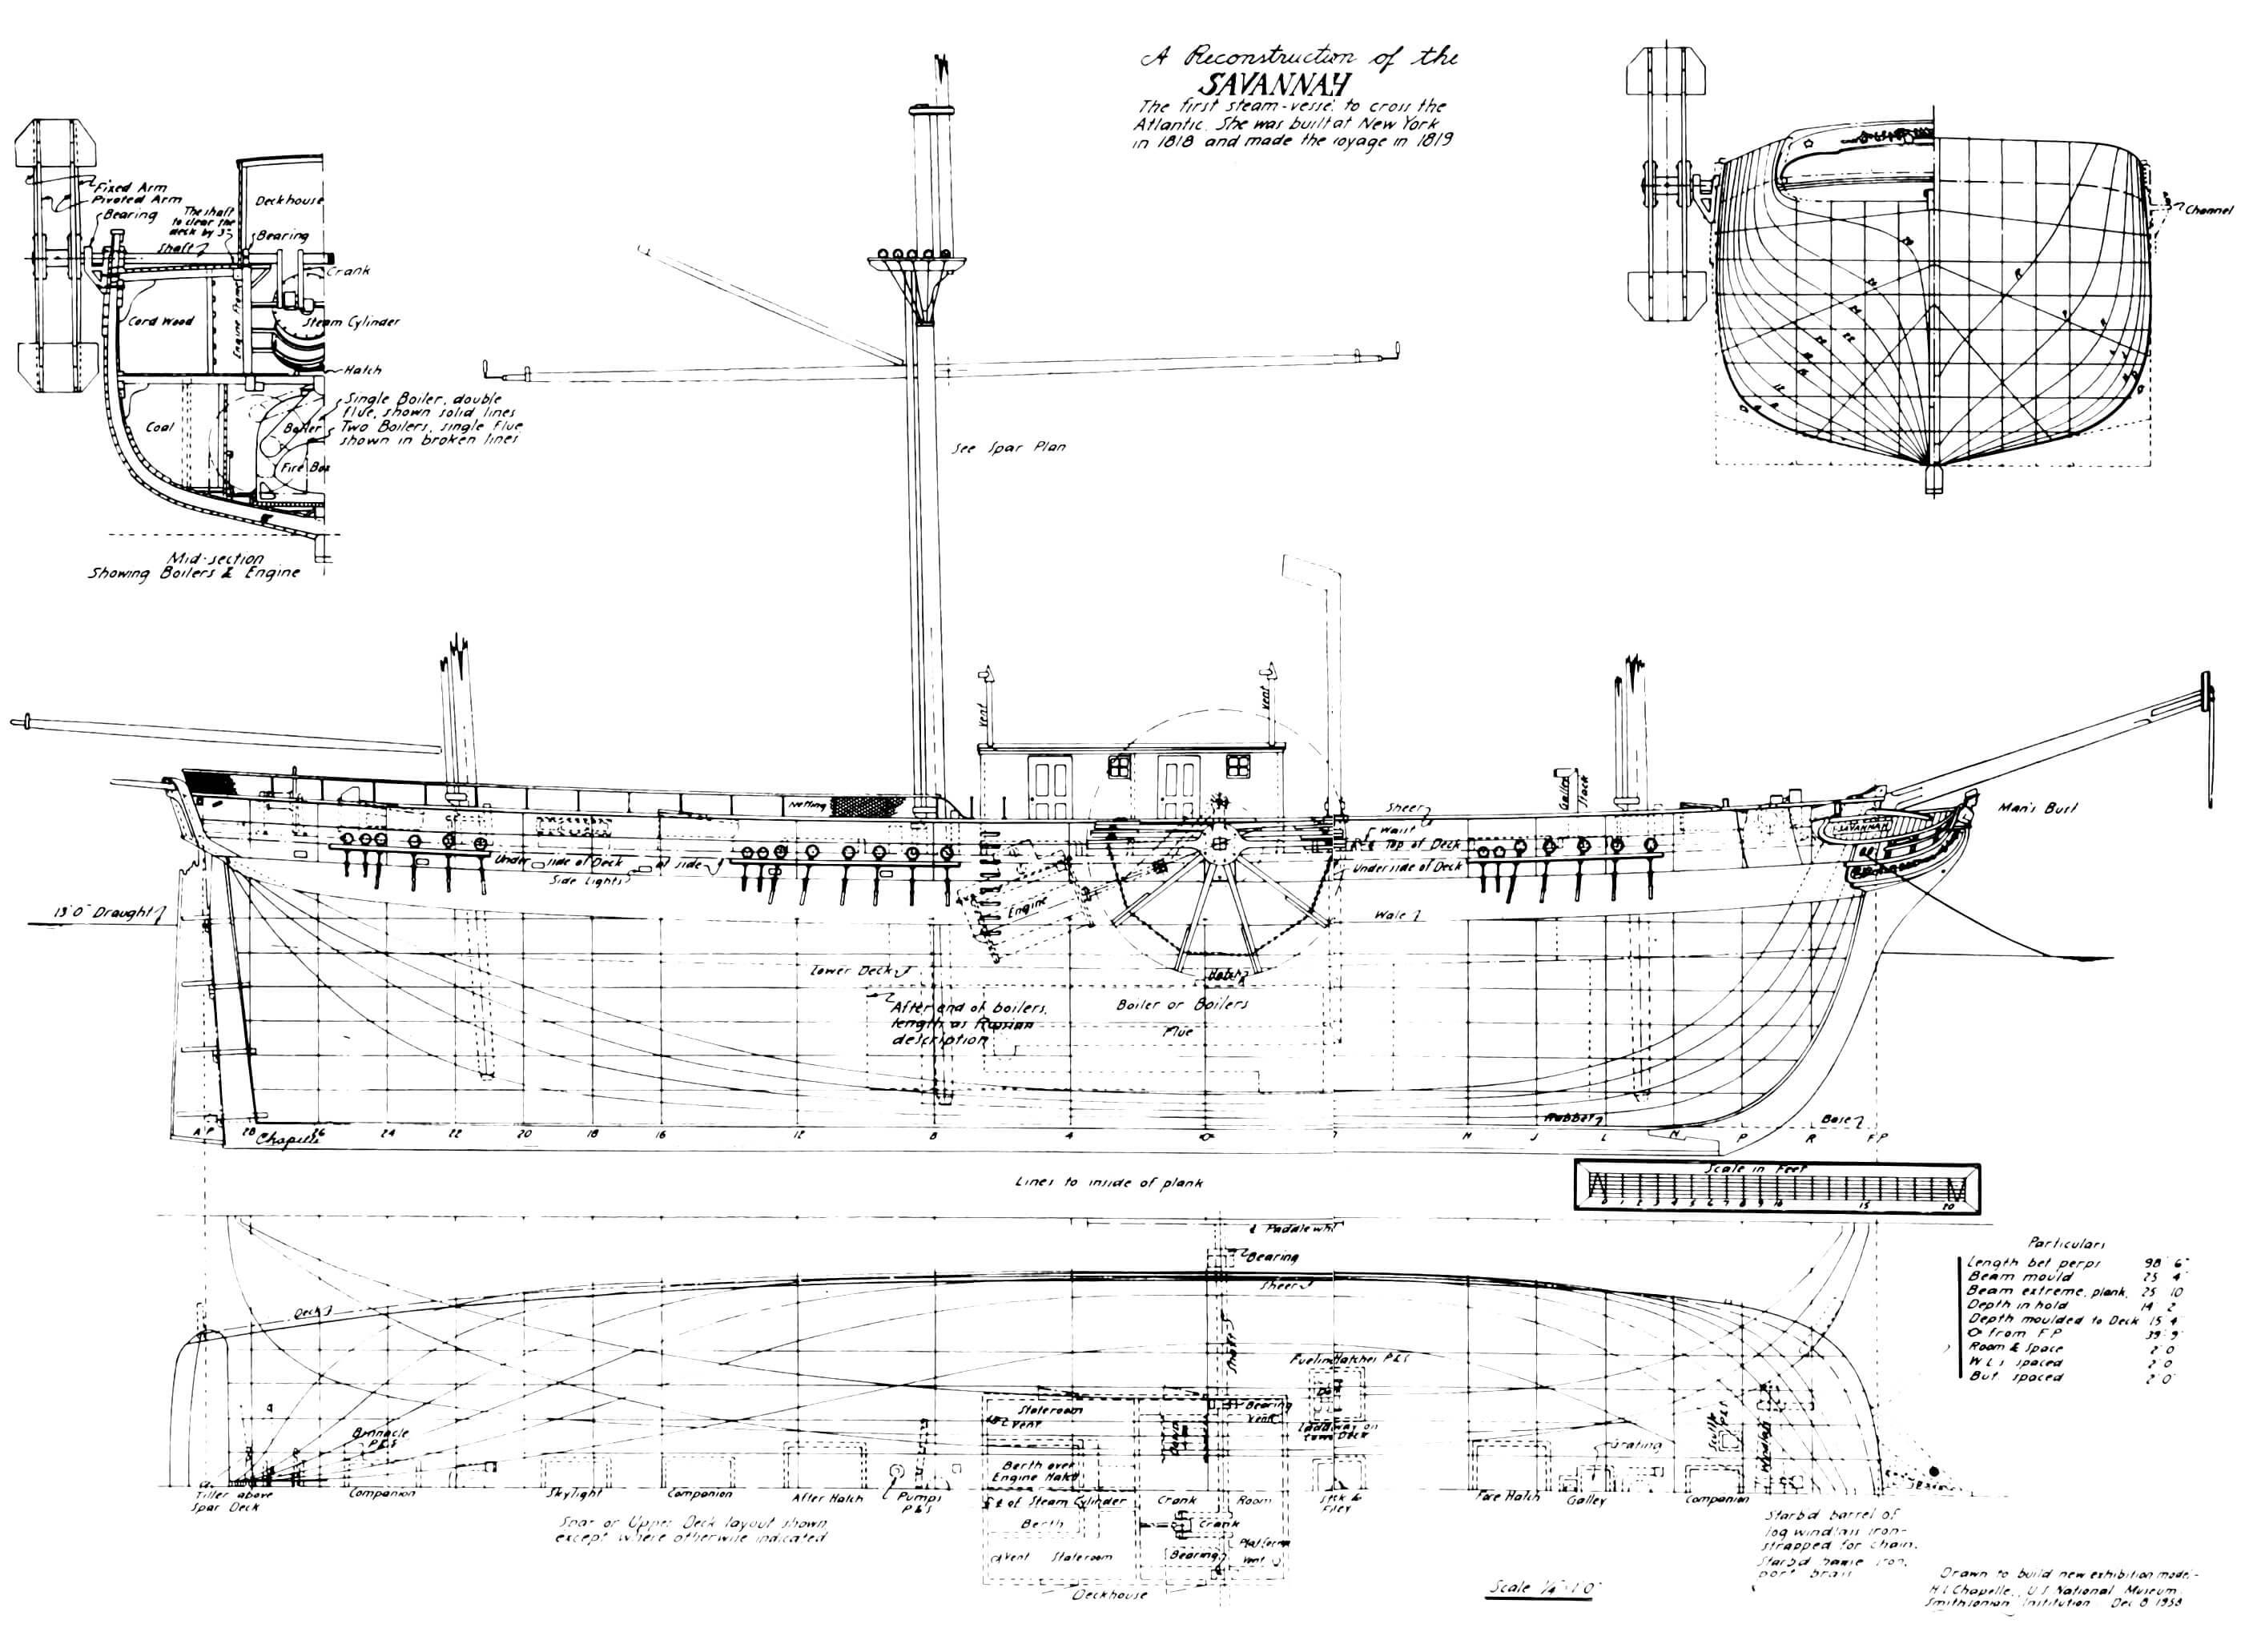 Теоретический чертеж и расчет по миделю пакетбота «Саванна» (реконструкция)